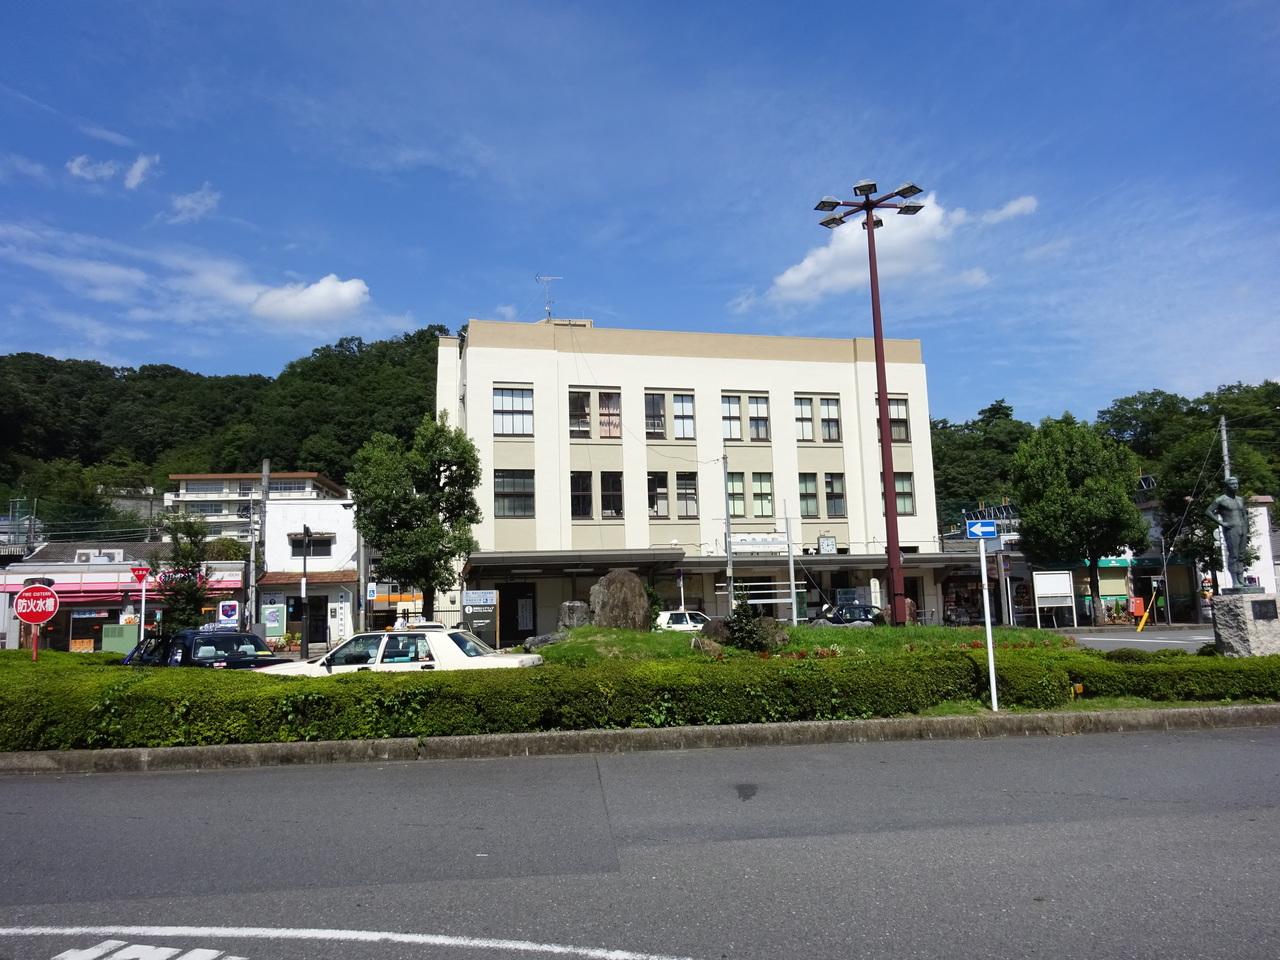 【駅】JR青梅線 青梅駅 徒歩約20分(約1600m)